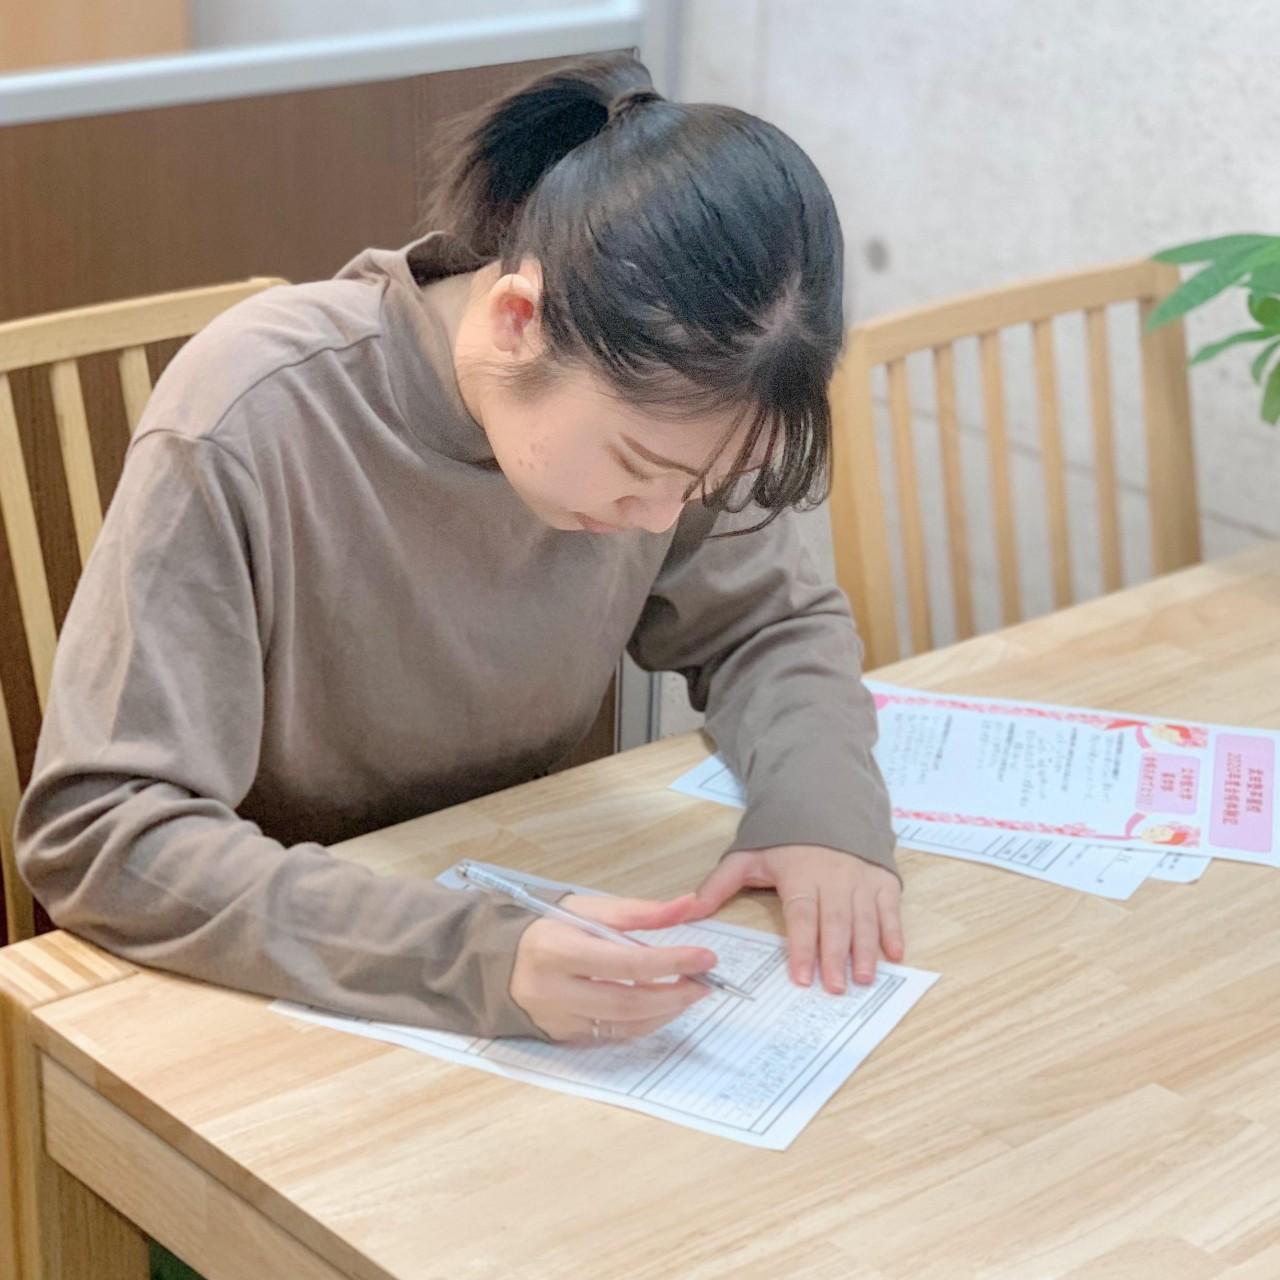 芦屋のビリギャル!11月の模試E判定から立命館大学薬学部に合格!